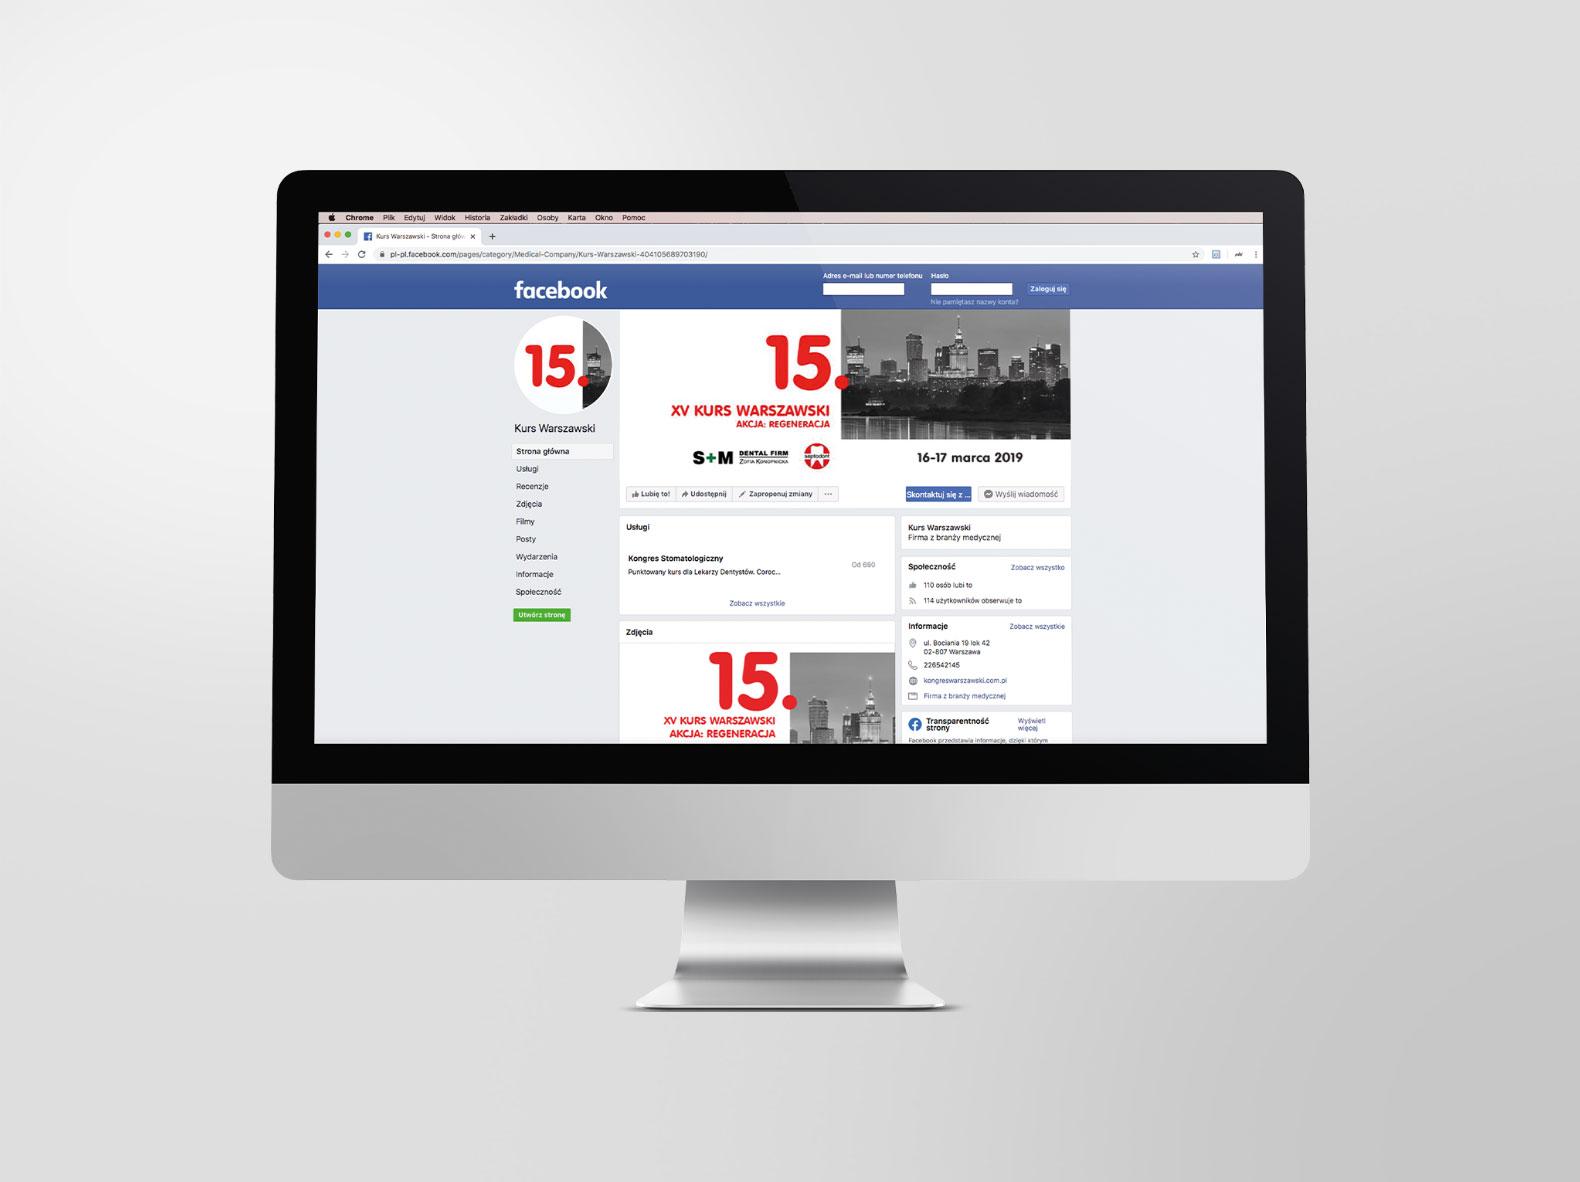 Reklama facebook 15 Kurs Warszawski